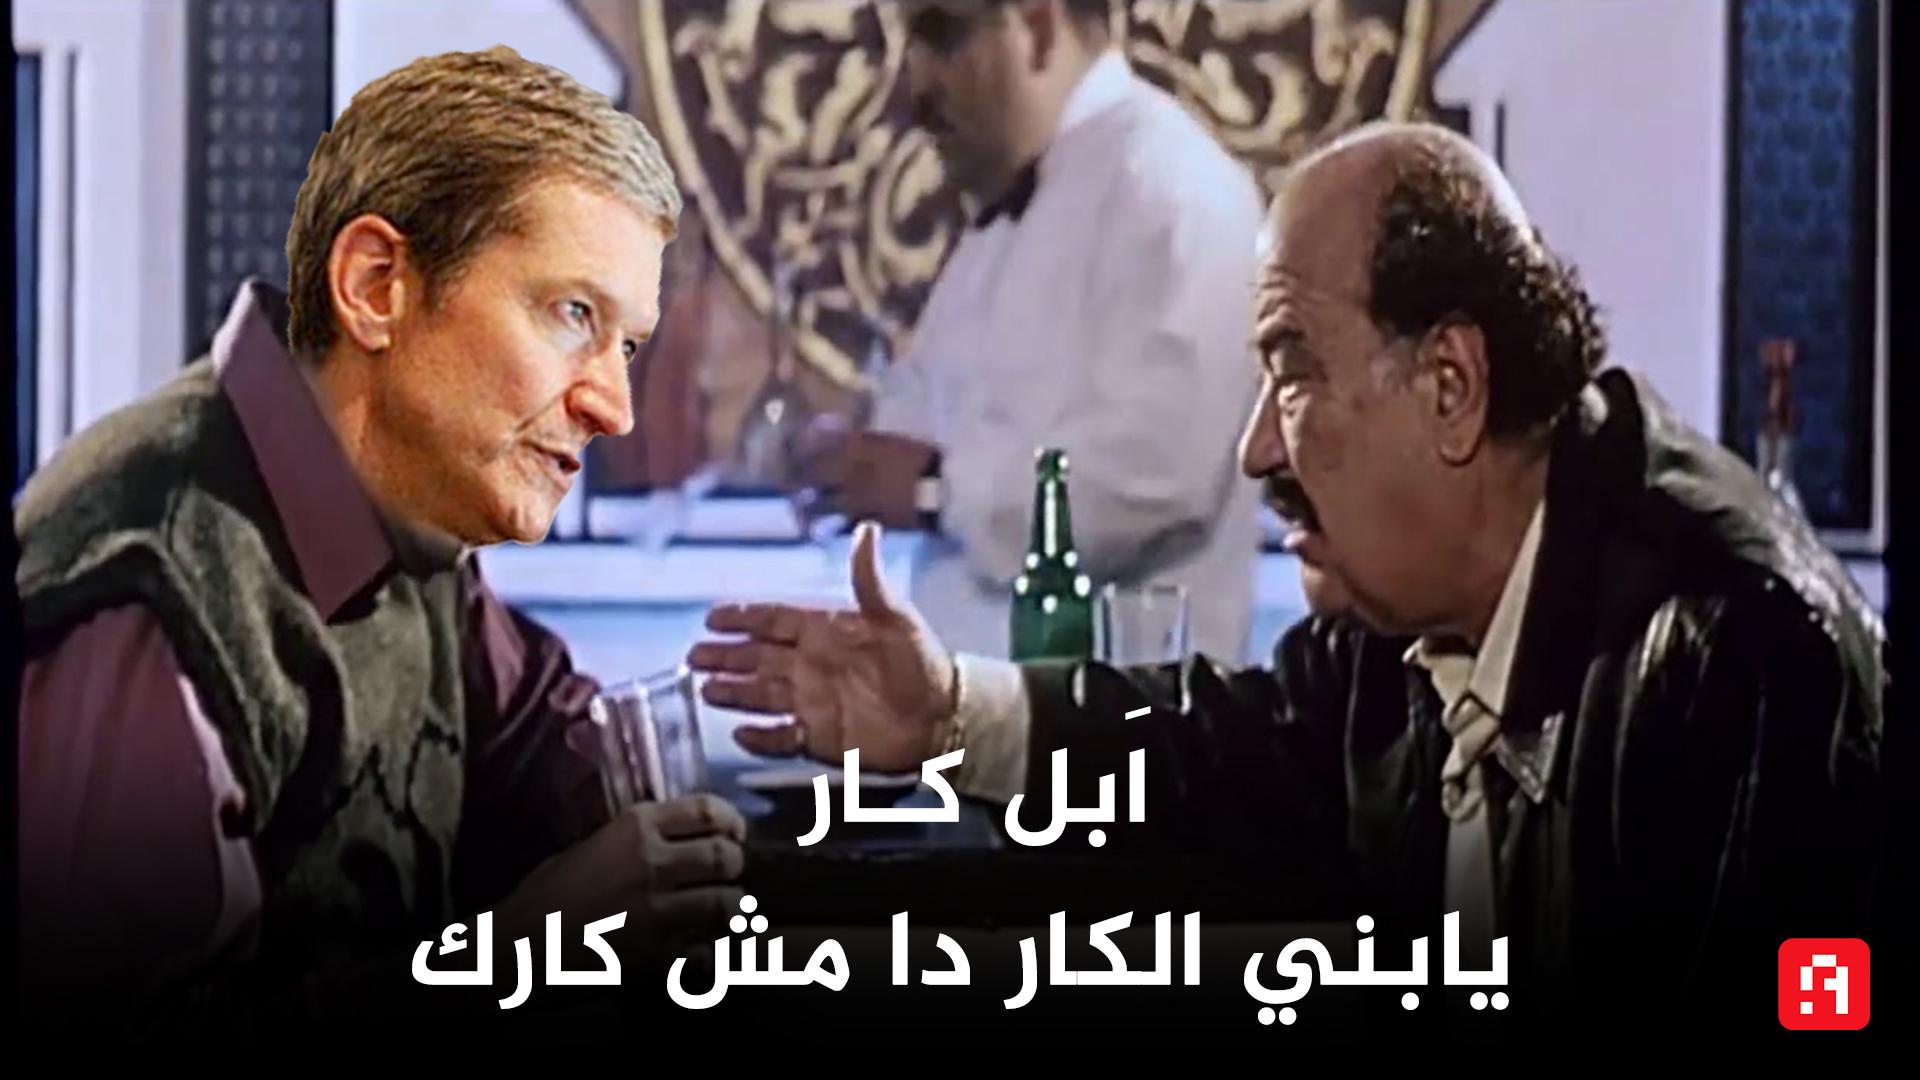 سيارة أبل Apple Car .. يا ابني الكار ده مش كارك